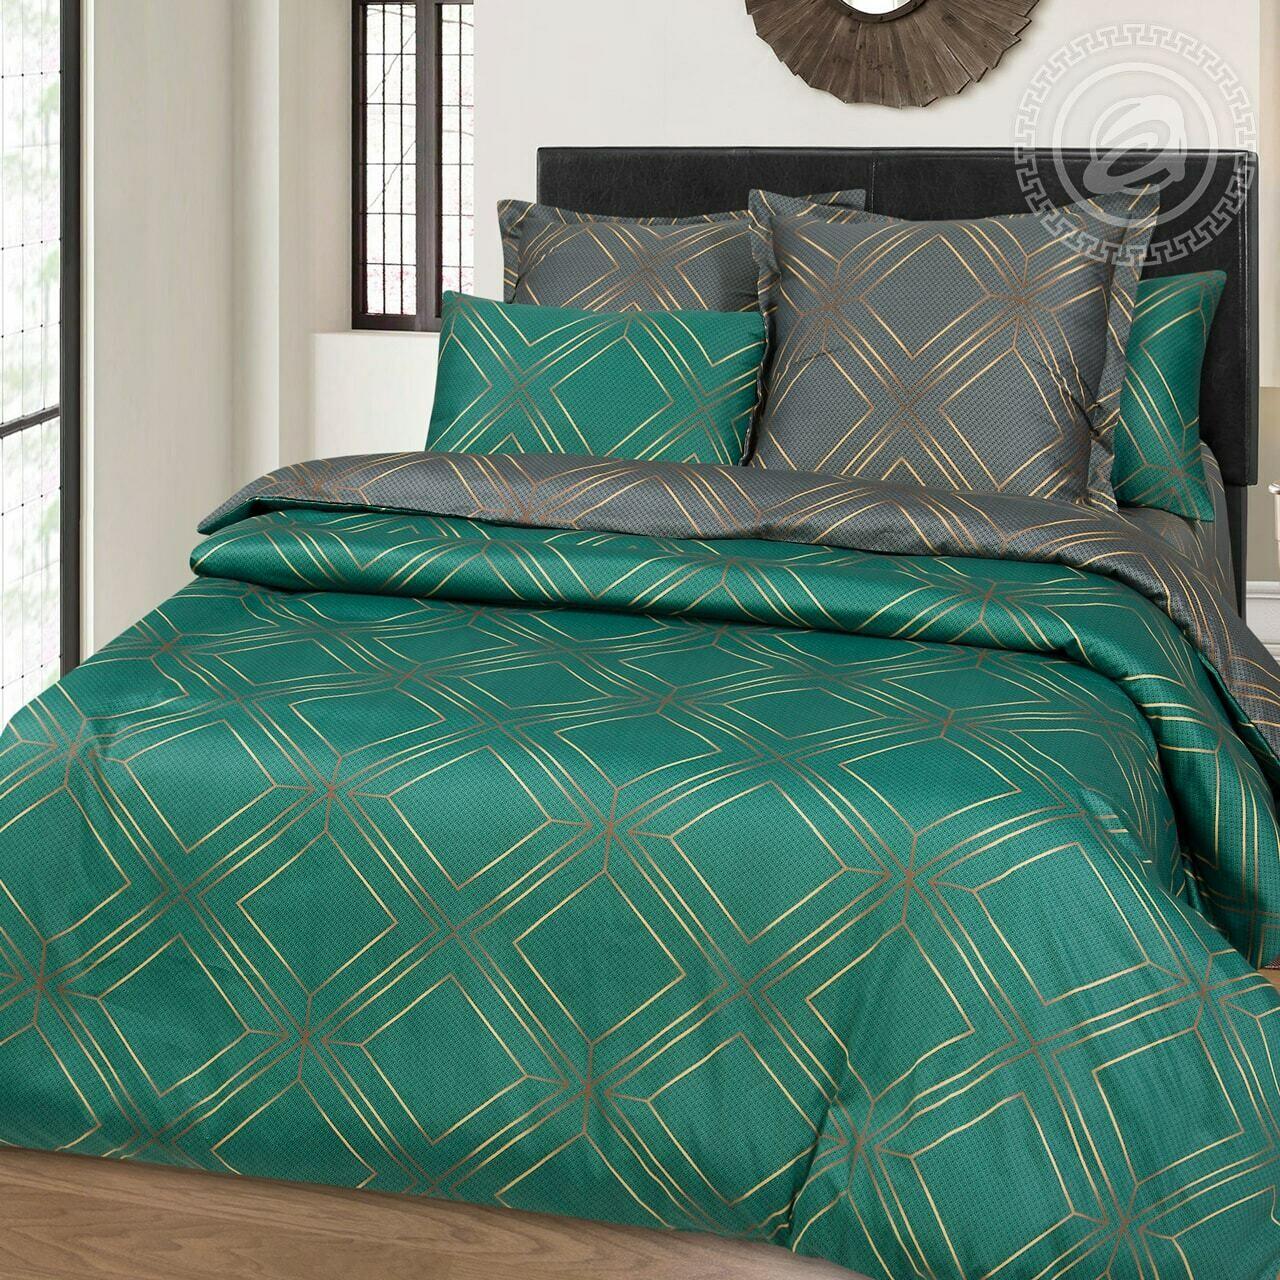 Комплект постельного белья из сатина Шарль